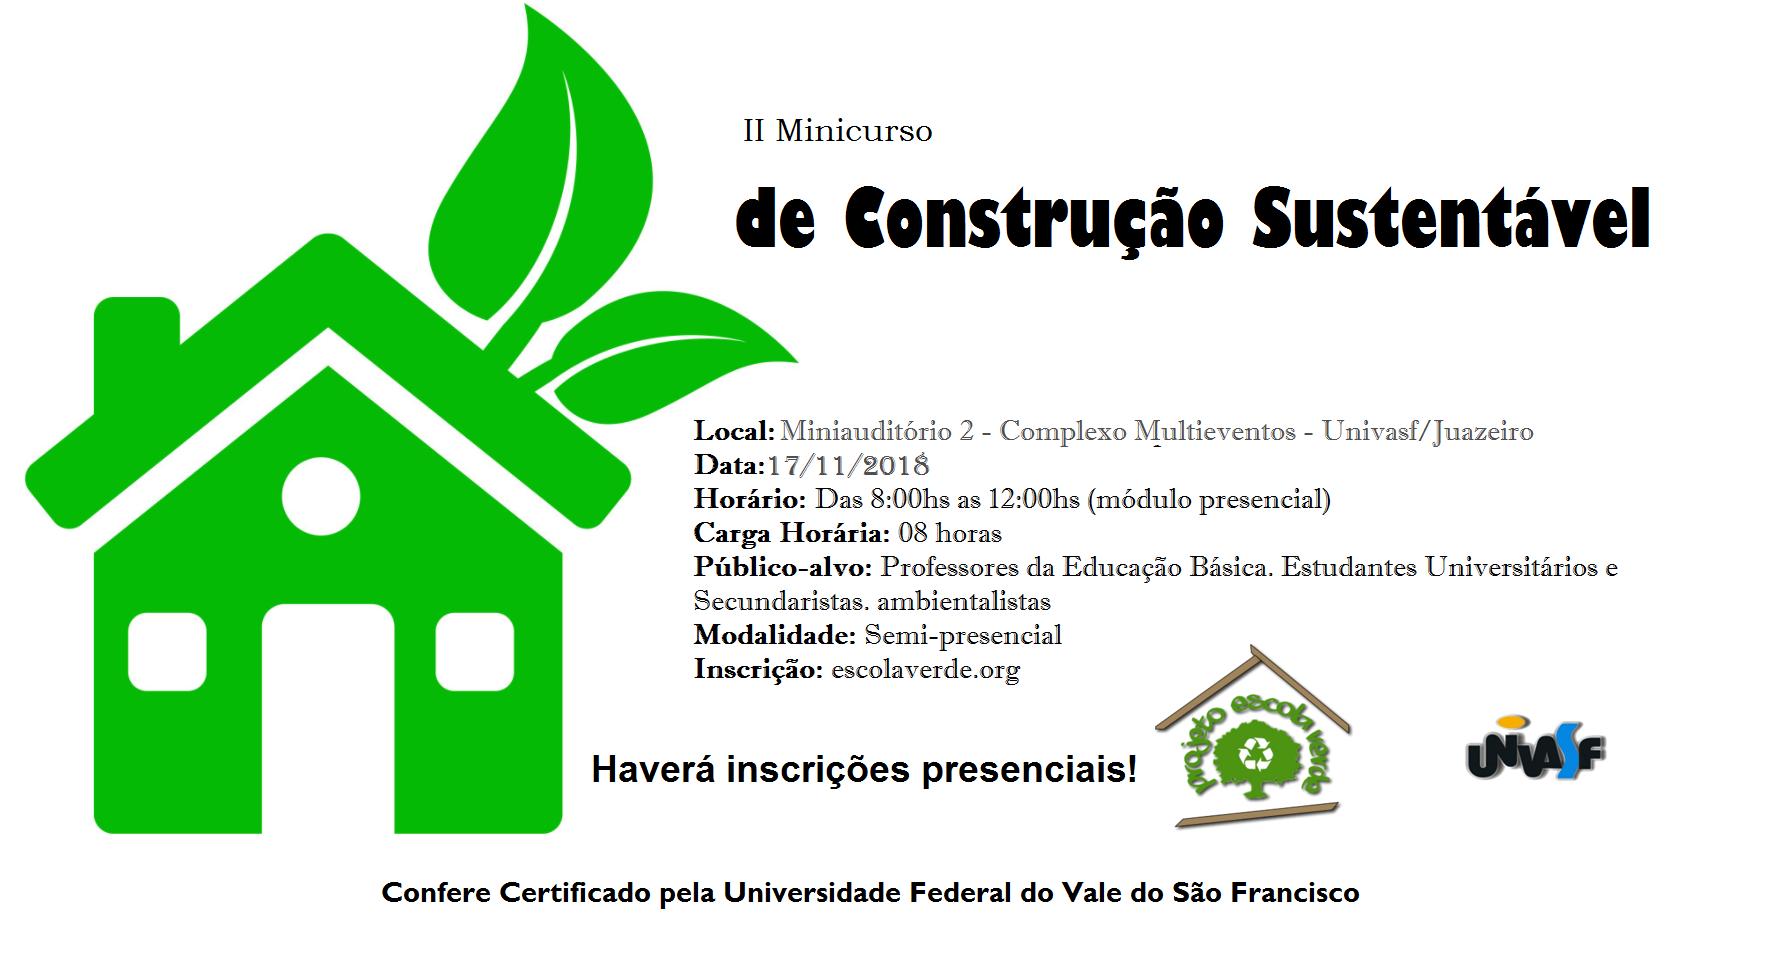 Banner do II Minicurso de Construção Sustentável